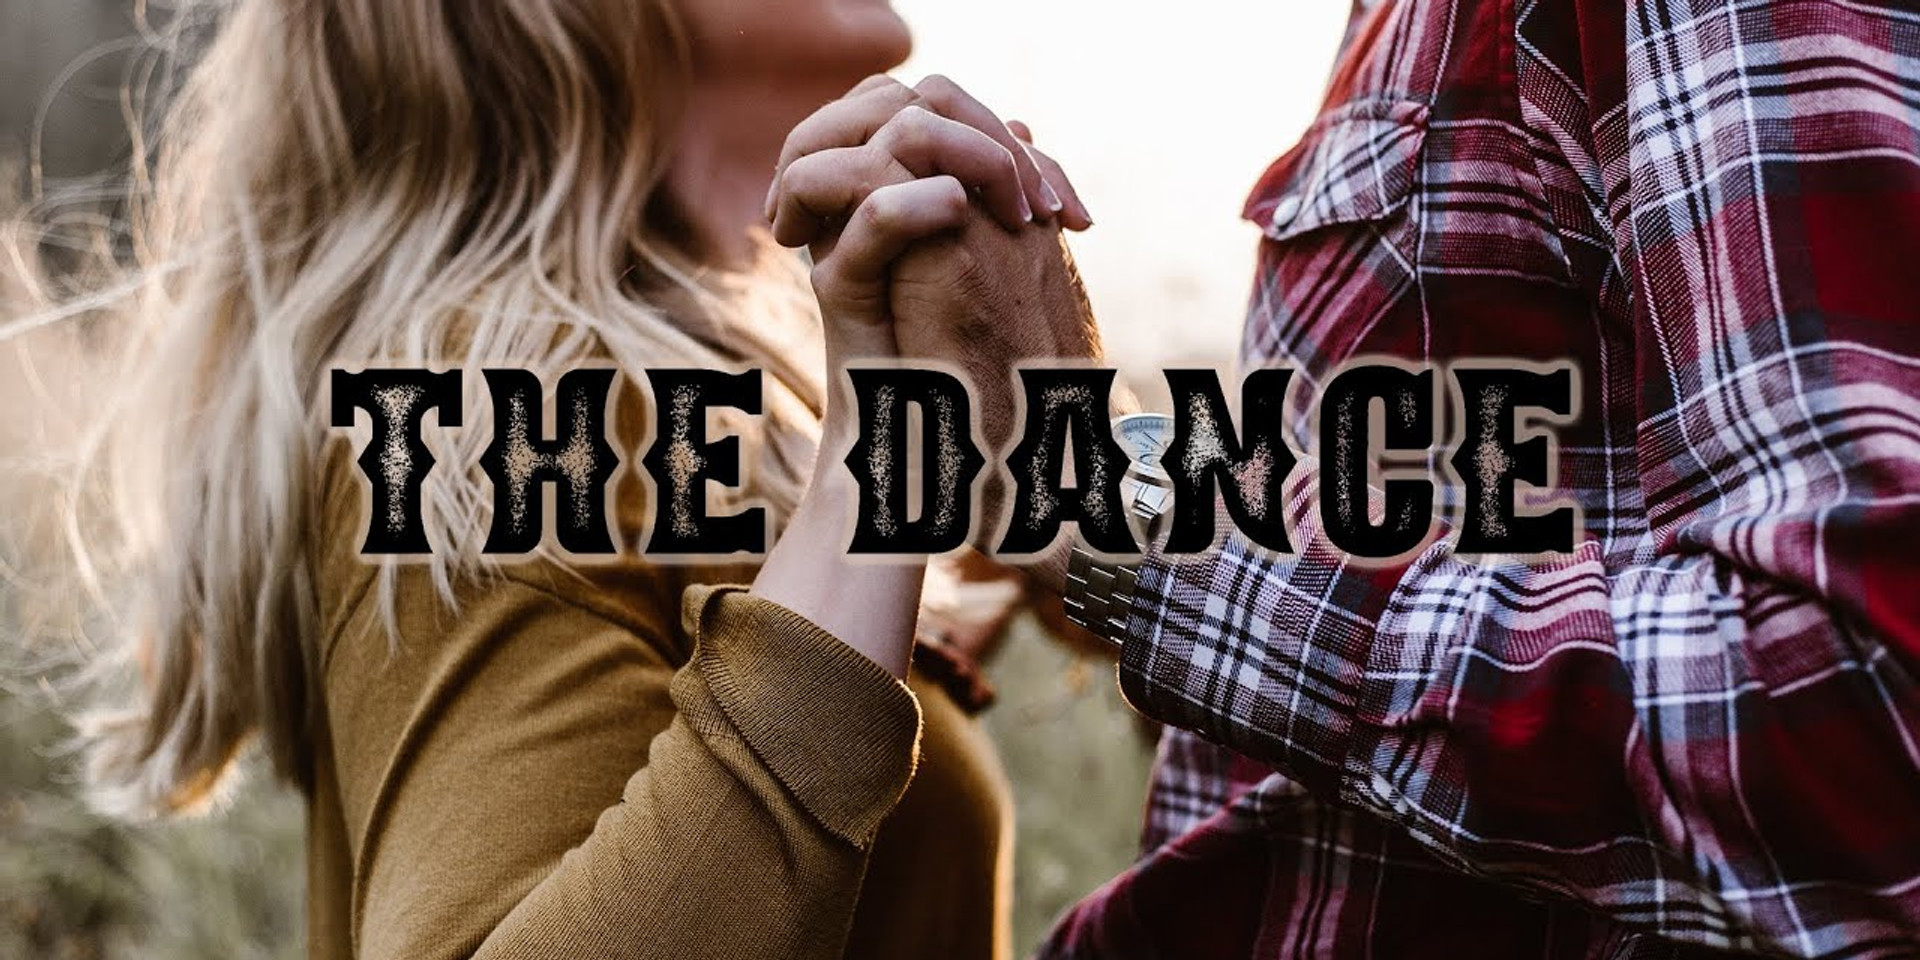 Nikki Wozzo - The Dance